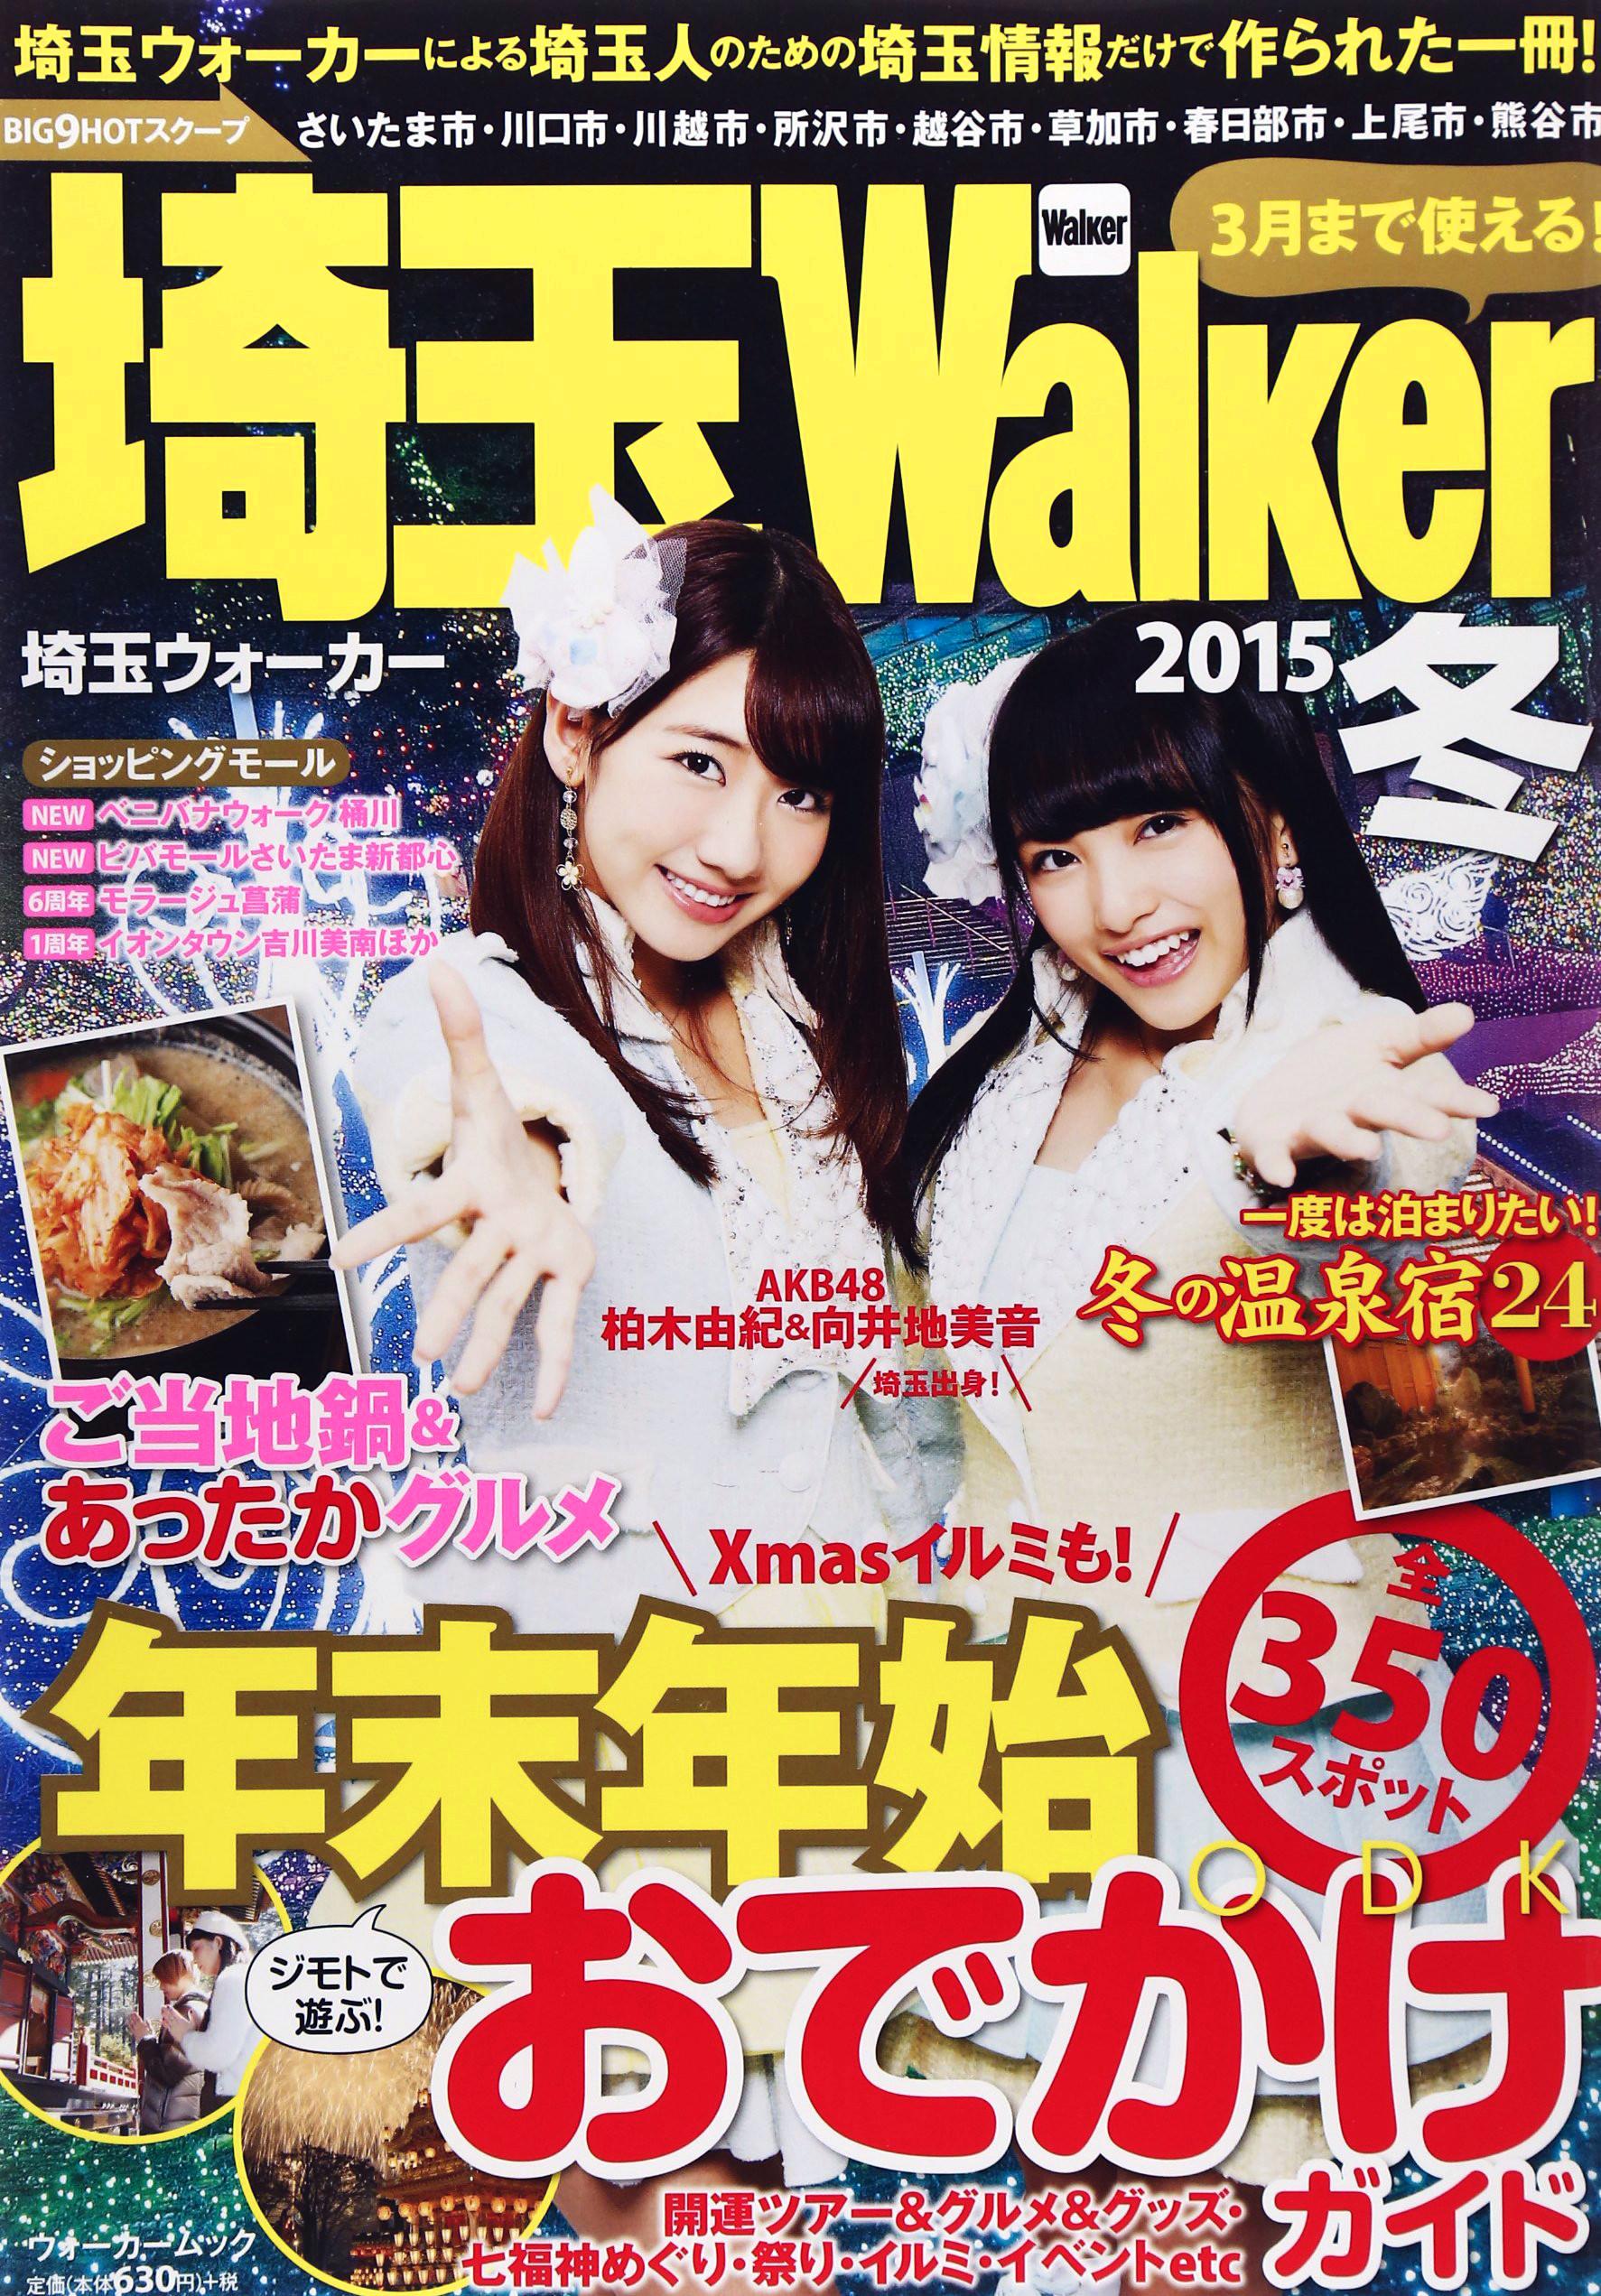 埼玉Walker2015冬 柏木由紀&向井地美音